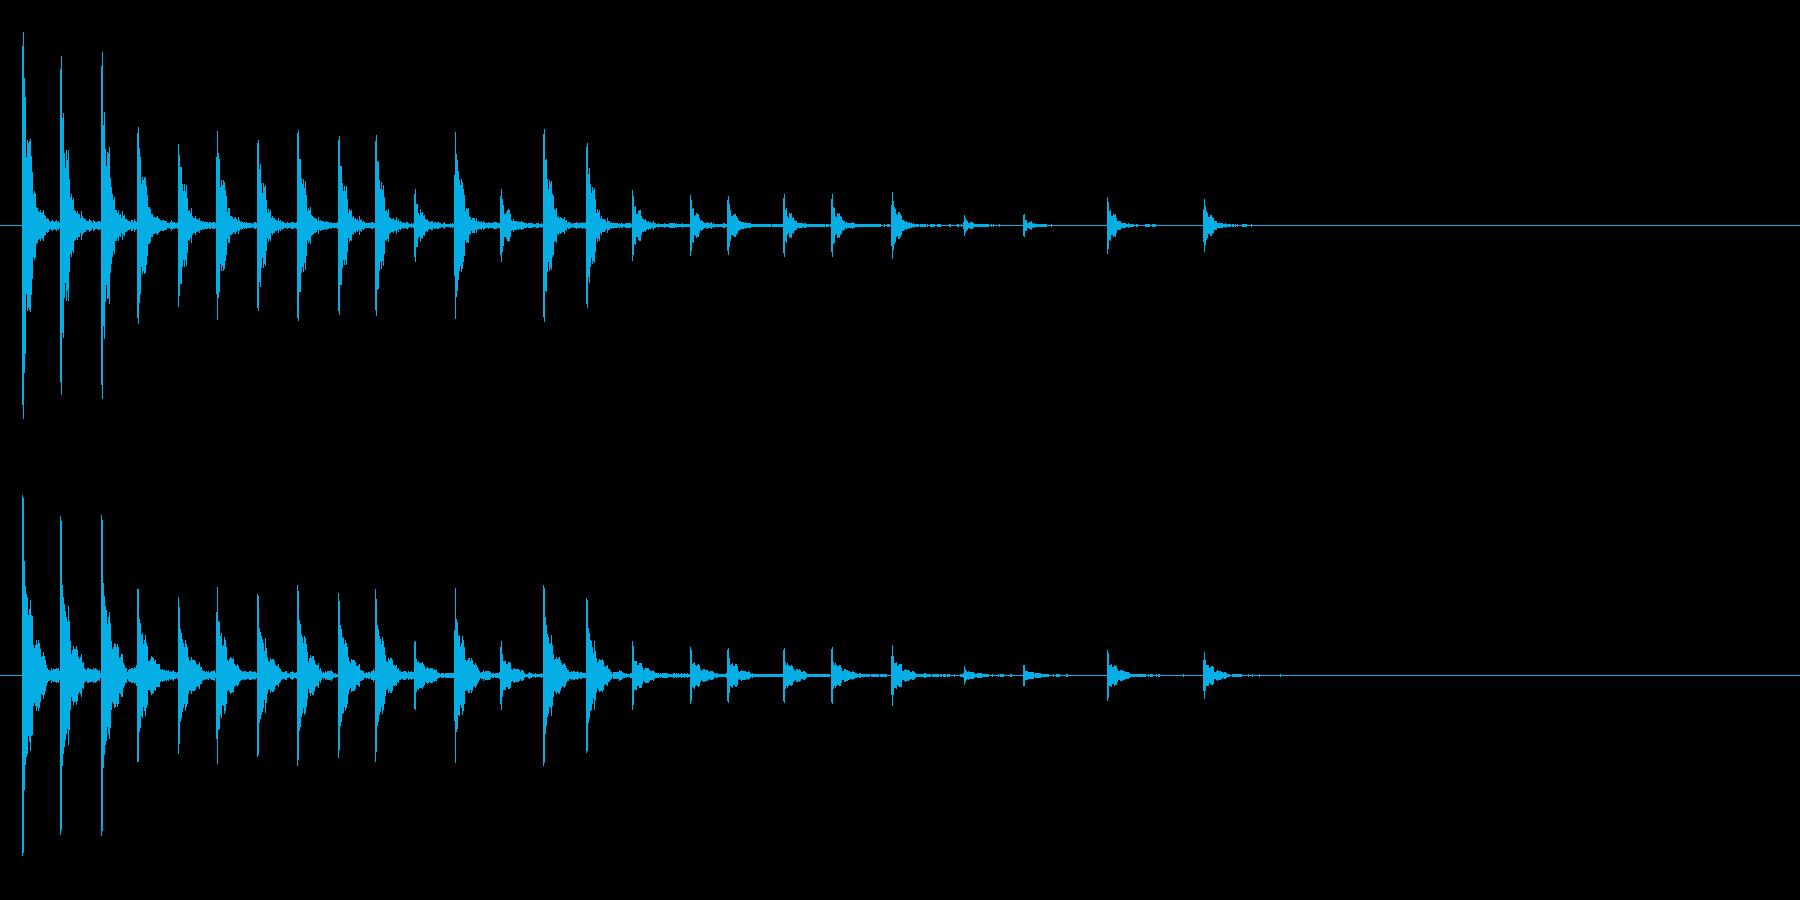 軽快な木鉦(もくしょう)フレーズ音+FXの再生済みの波形